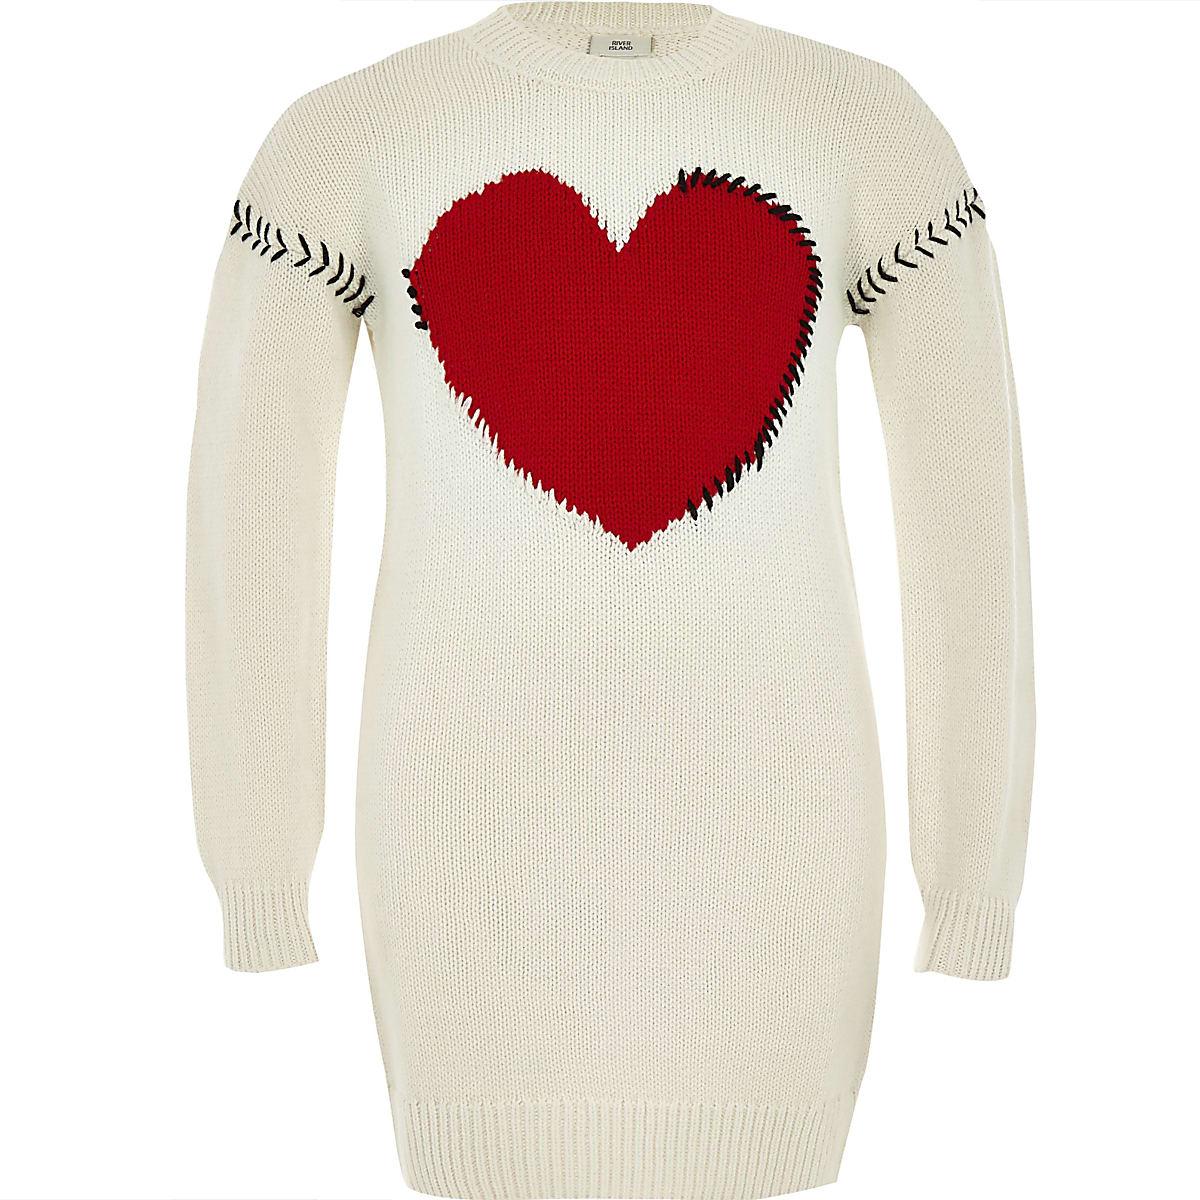 Girls cream knit heart jumper dress